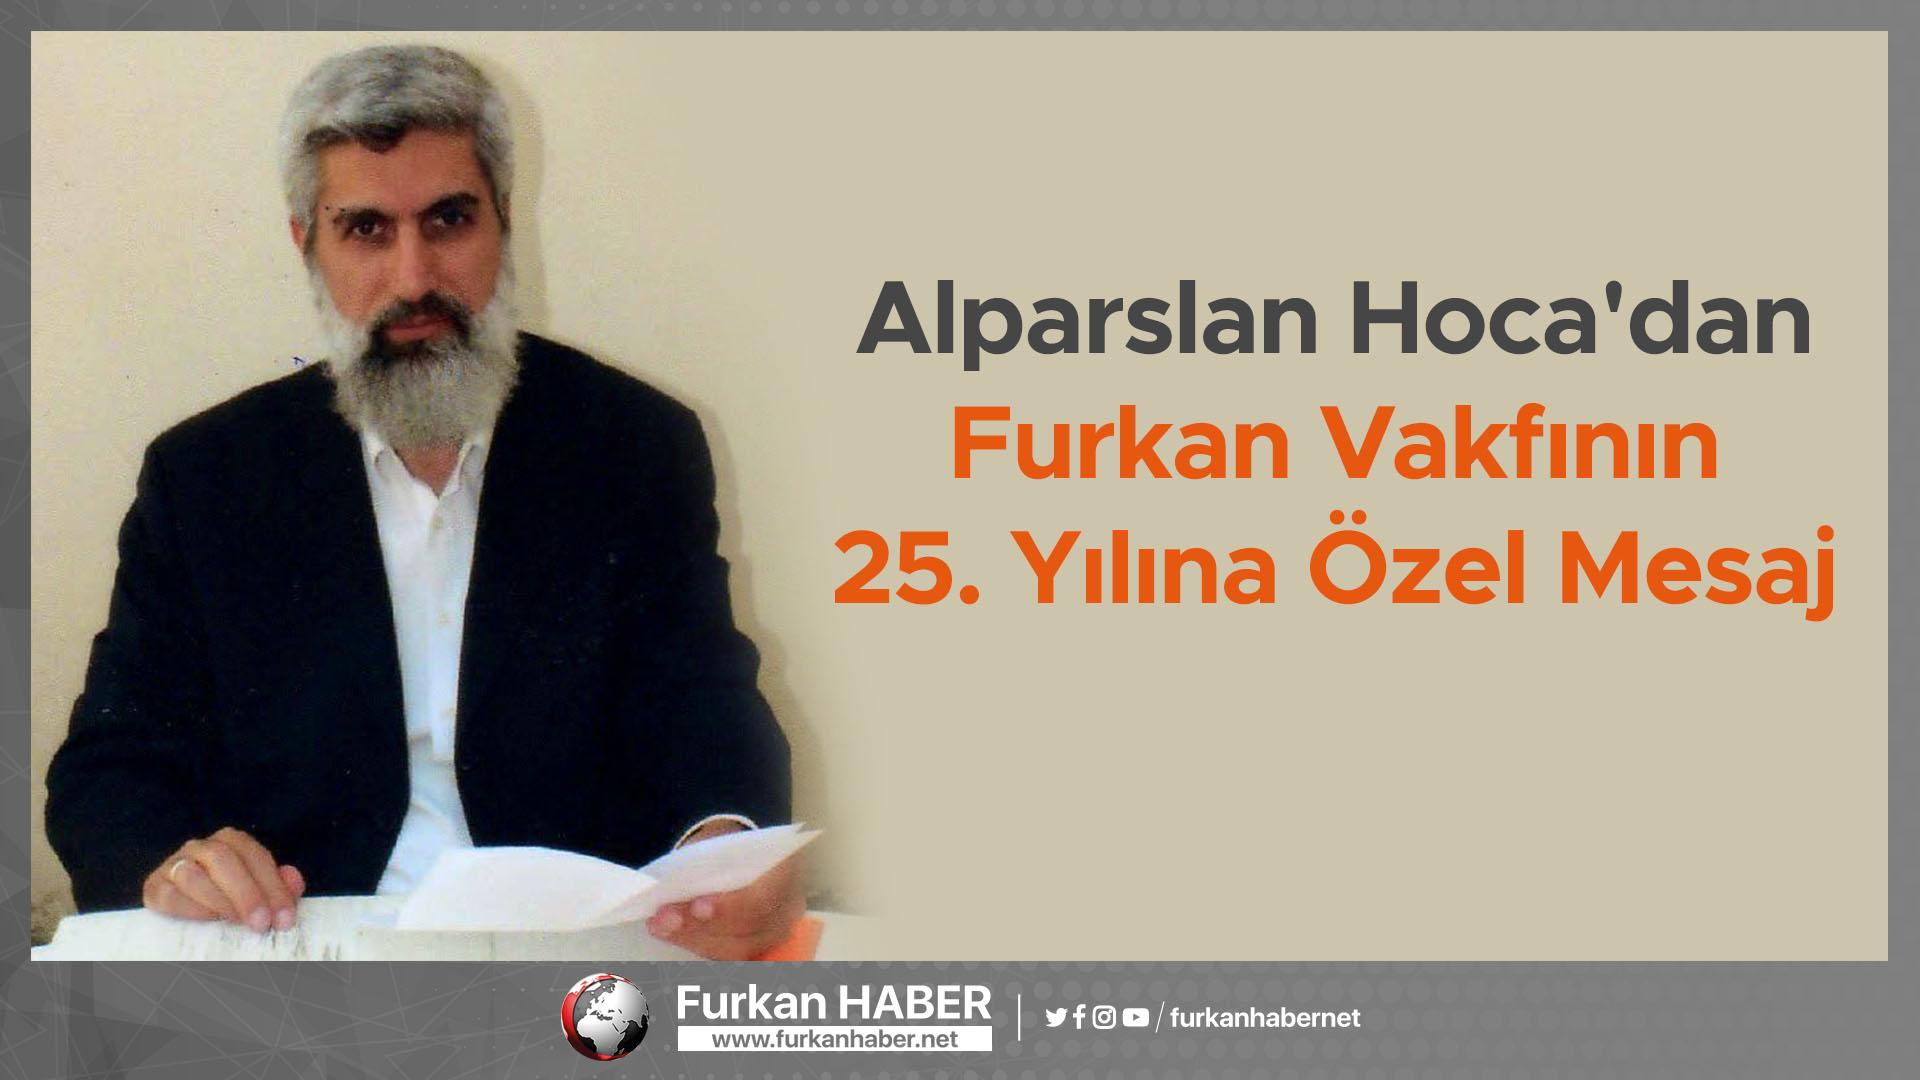 Alparslan Hoca'dan Furkan Vakfının 25. Yılına Özel Mesaj